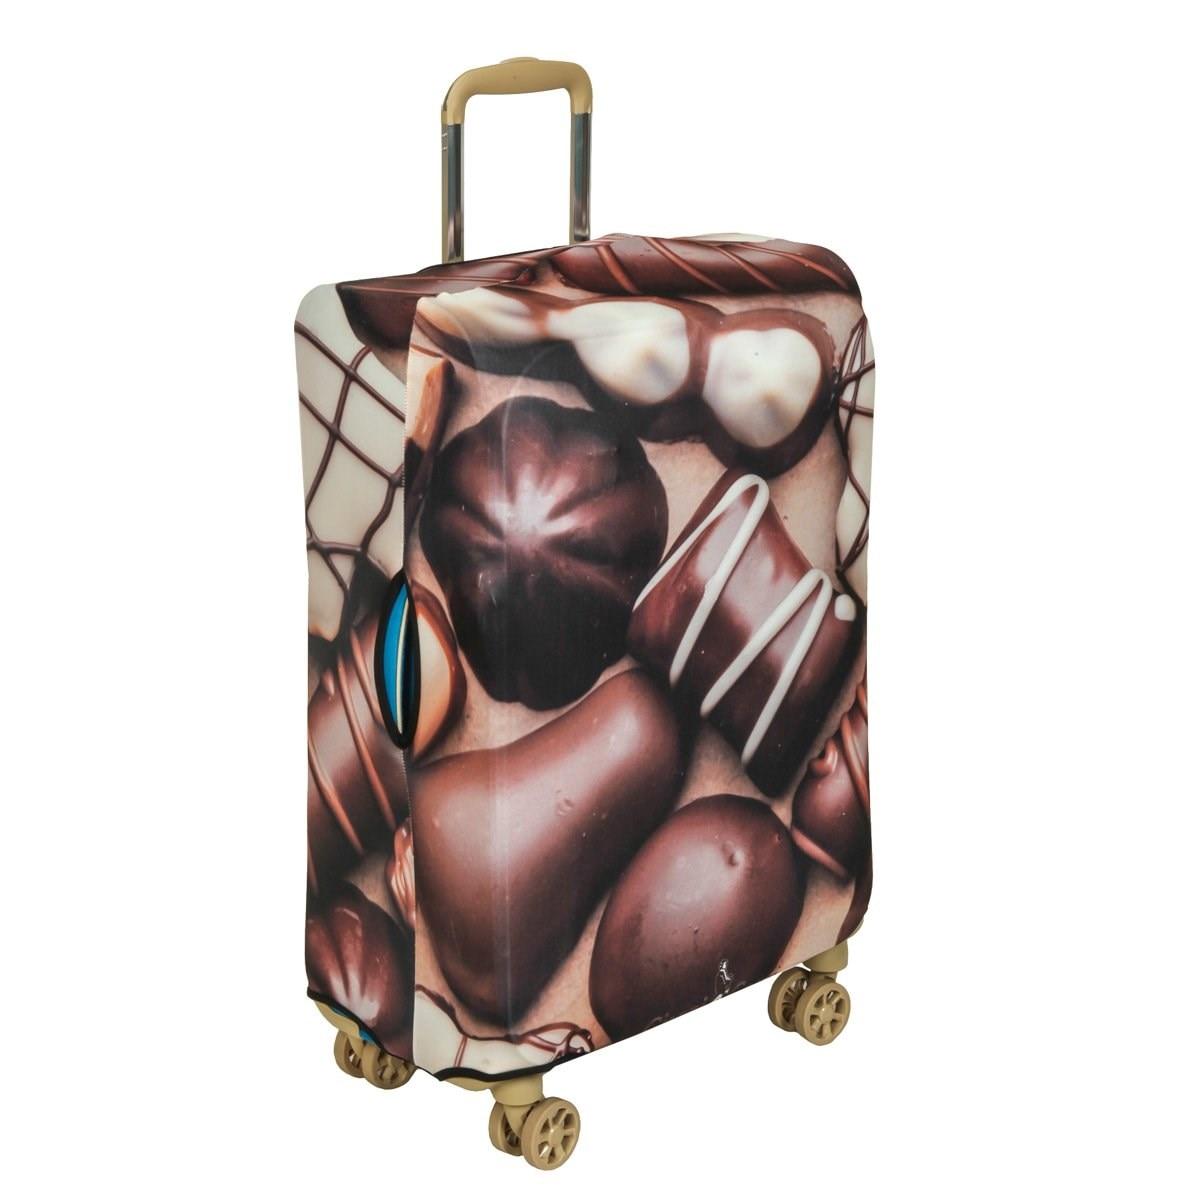 Protective cover for suitcase 9030 L оплетка autoprofi sp 9030 bk l